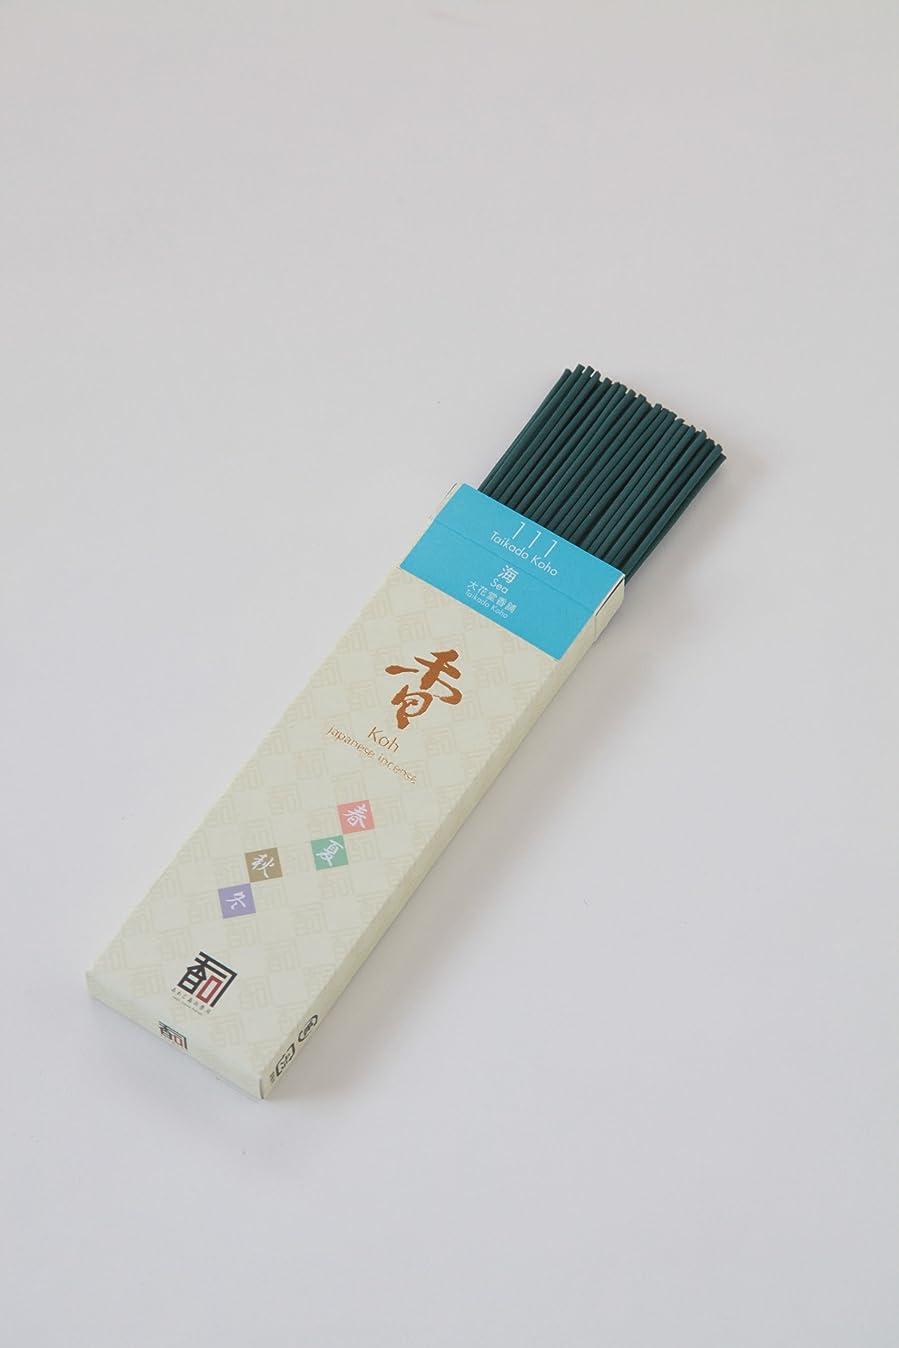 錆びバリケード硬さ「あわじ島の香司」 日本の香りシリーズ (春夏秋冬) 【111】  ◆海◆